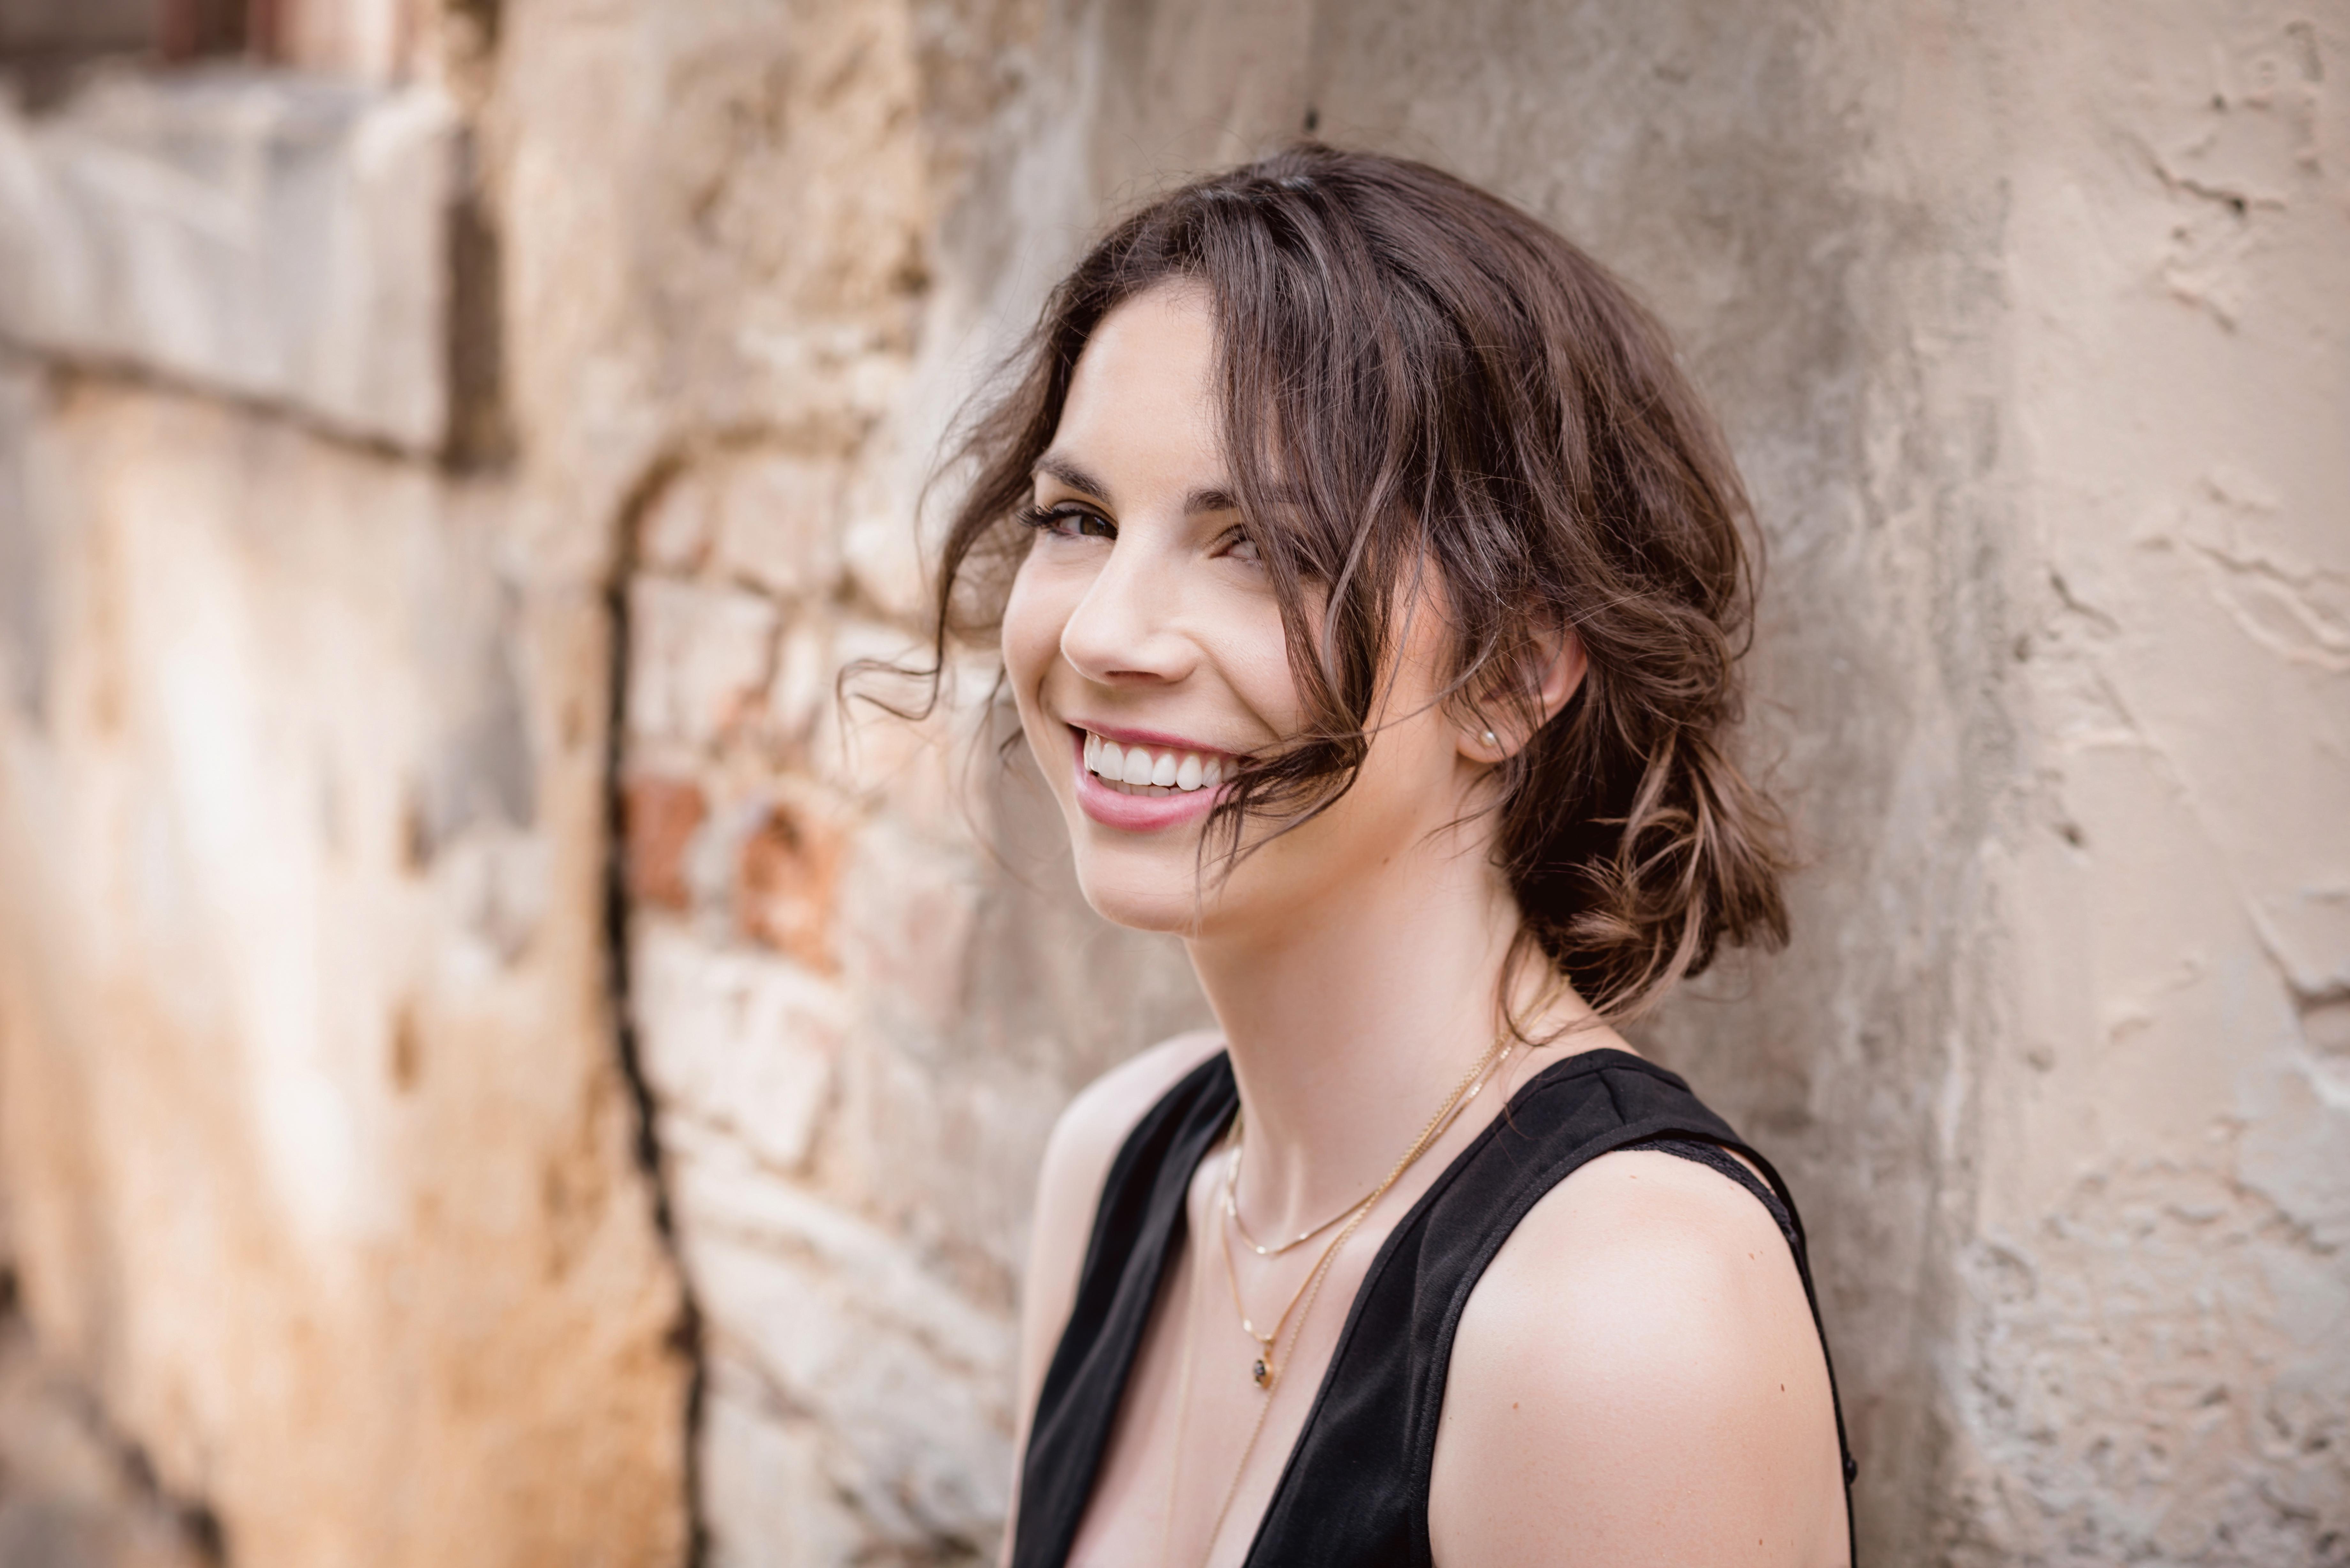 Hanna-Elisabeth Müller2014 © Chris Gonz